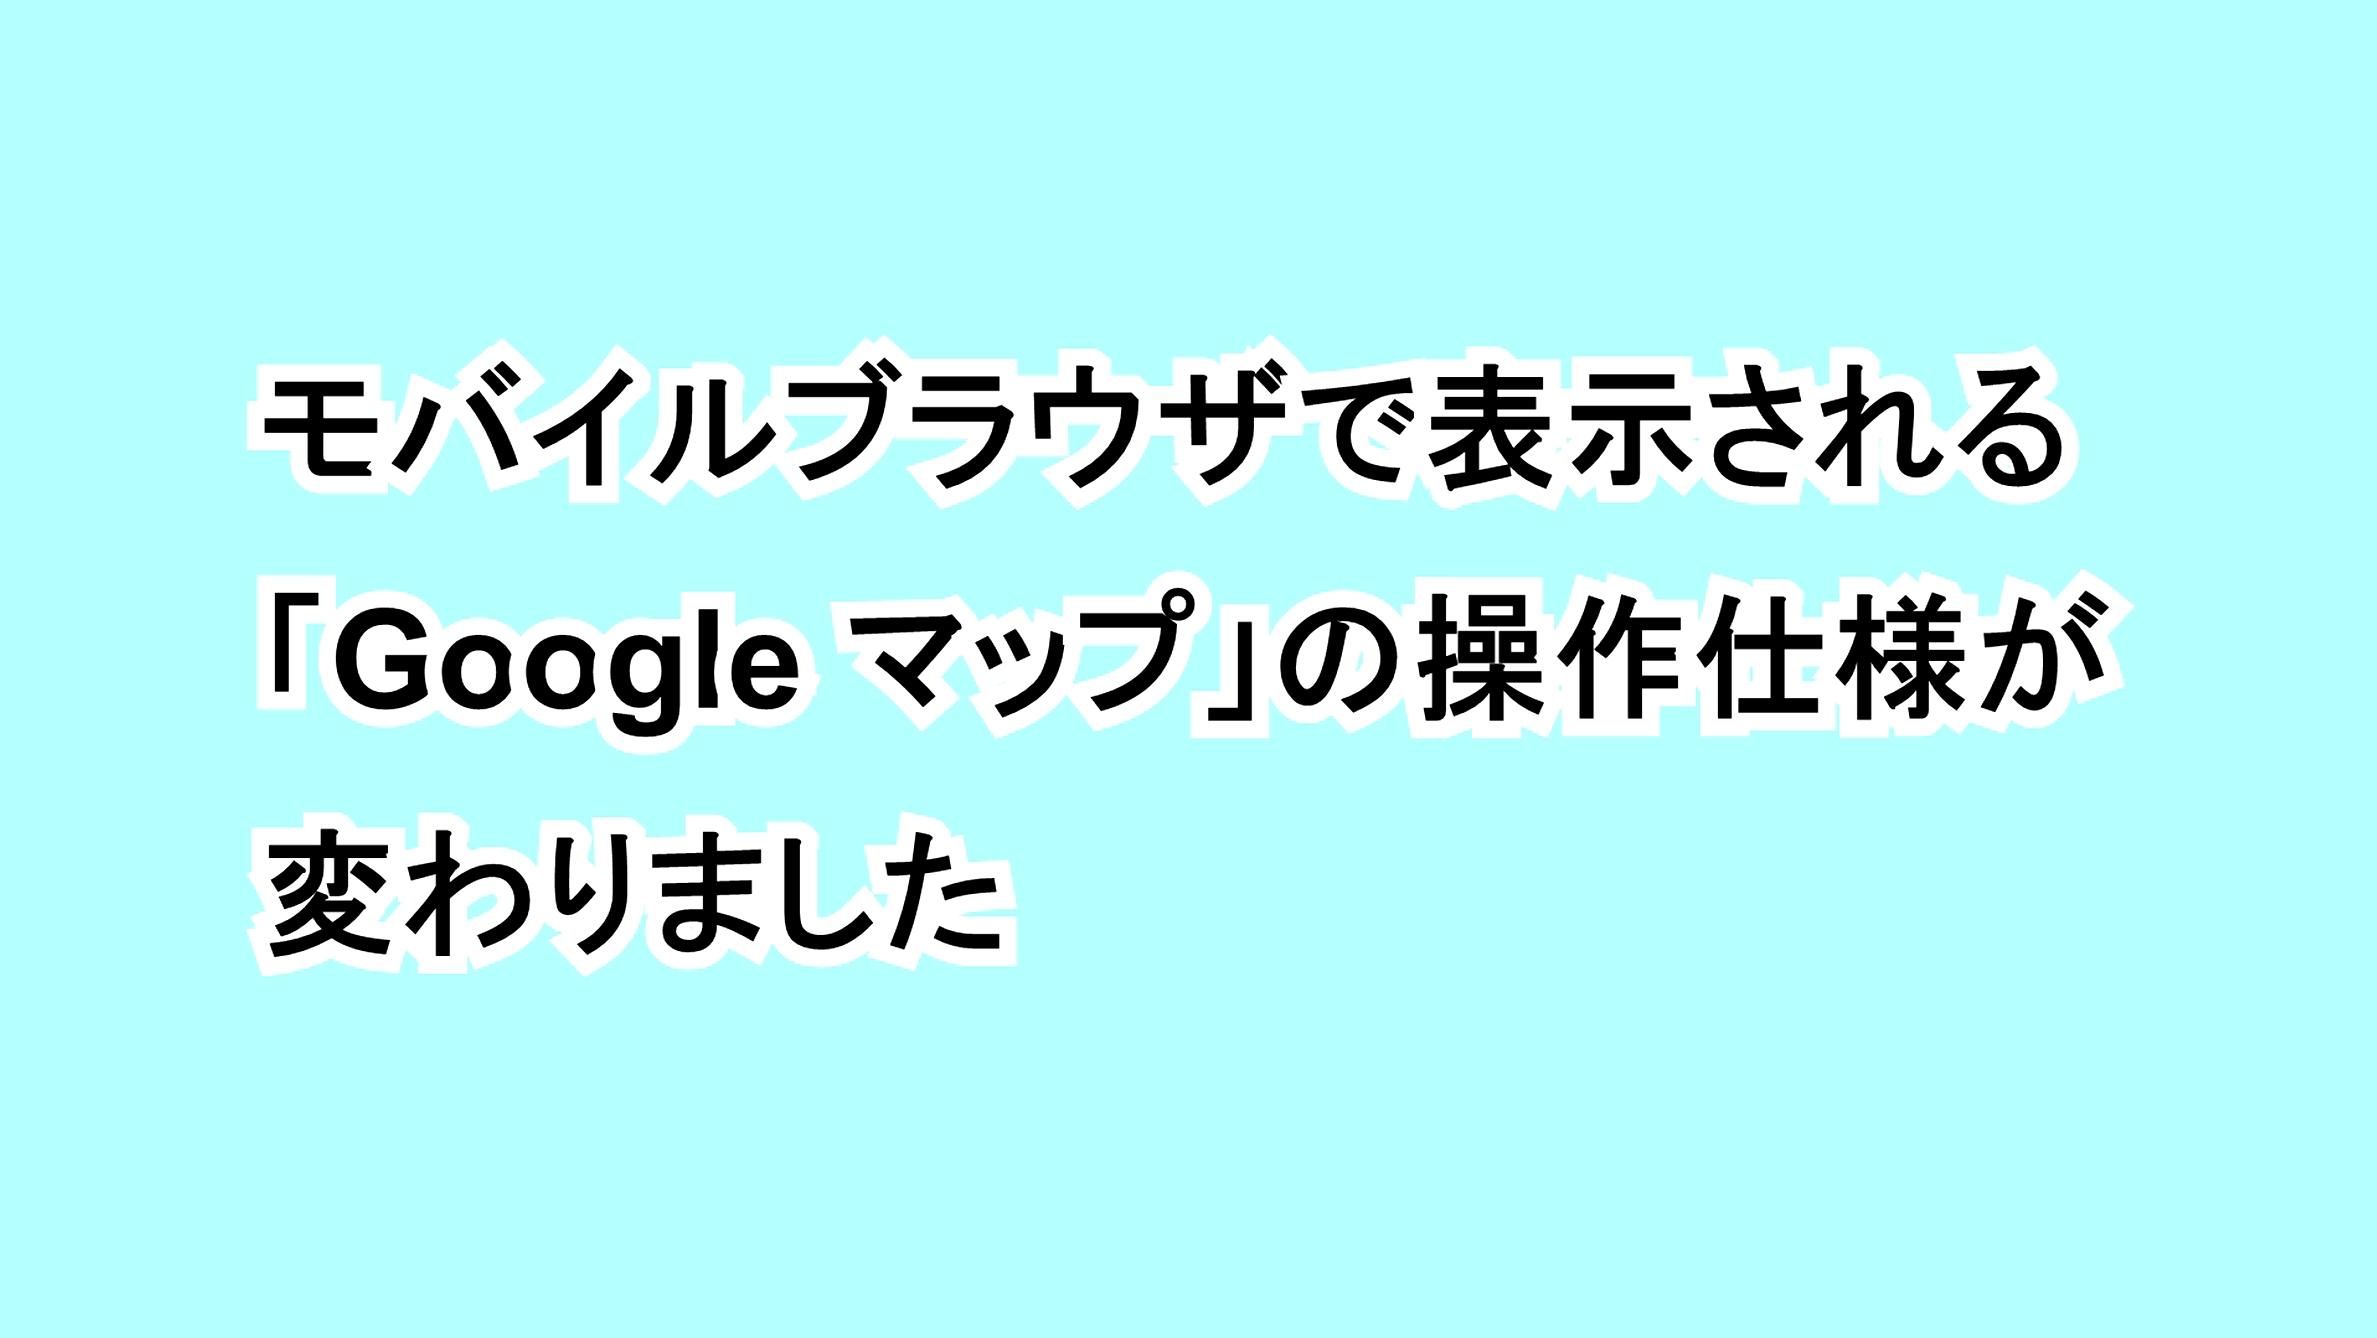 モバイルブラウザで表示される「Google マップ」の操作仕様が変わりました